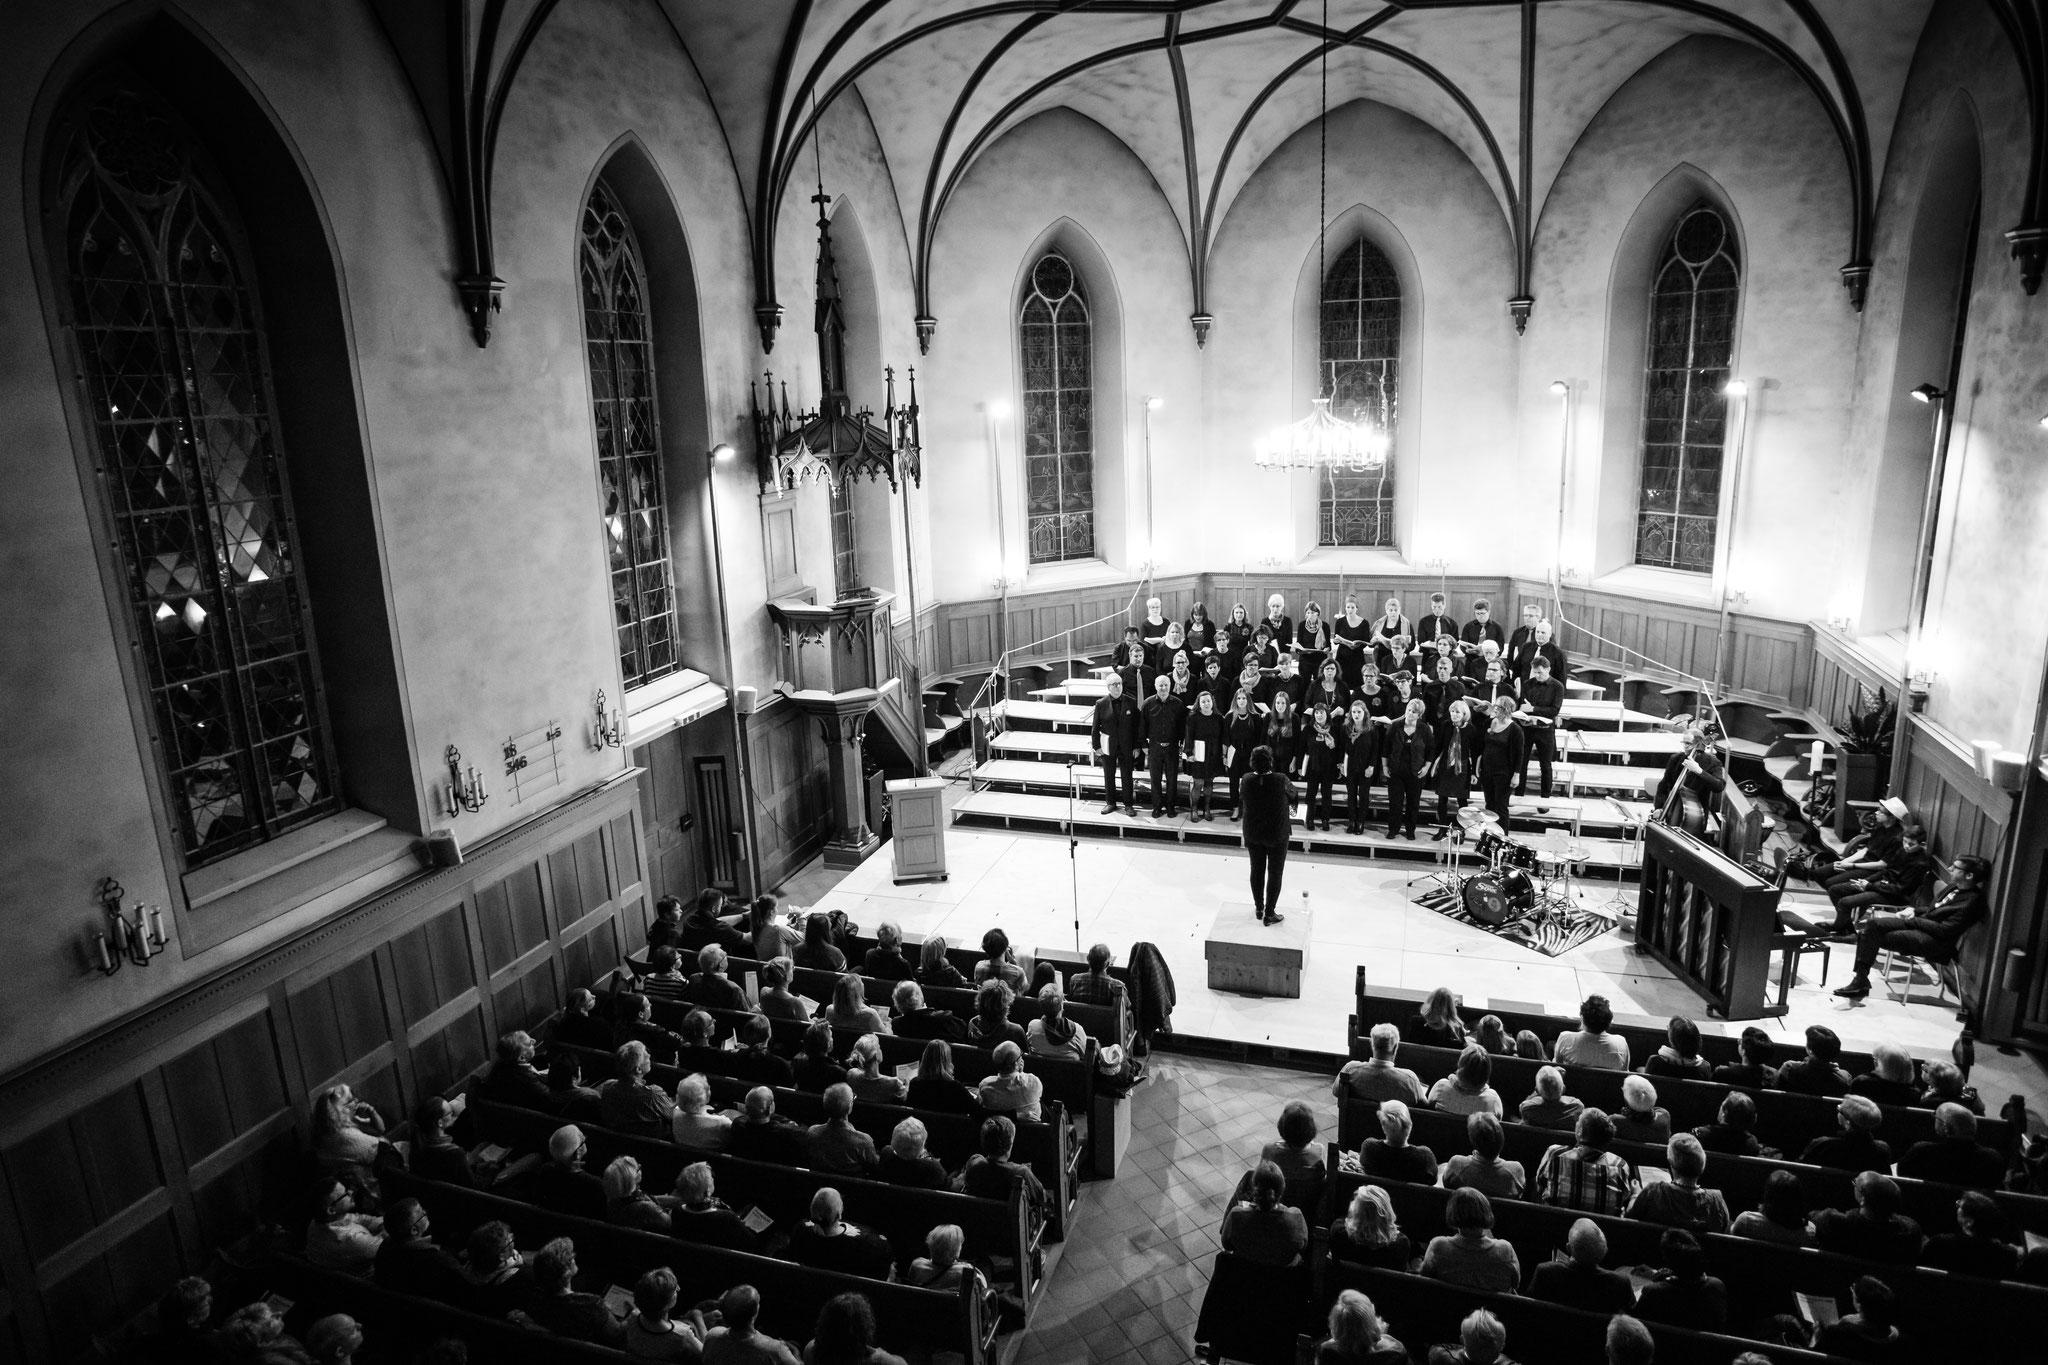 Winterkonzert 2018 - Kirche Rapperswil, 9.11.2018Winterkonzert 2018 - Kirche Rapperswil, 9.11.2018